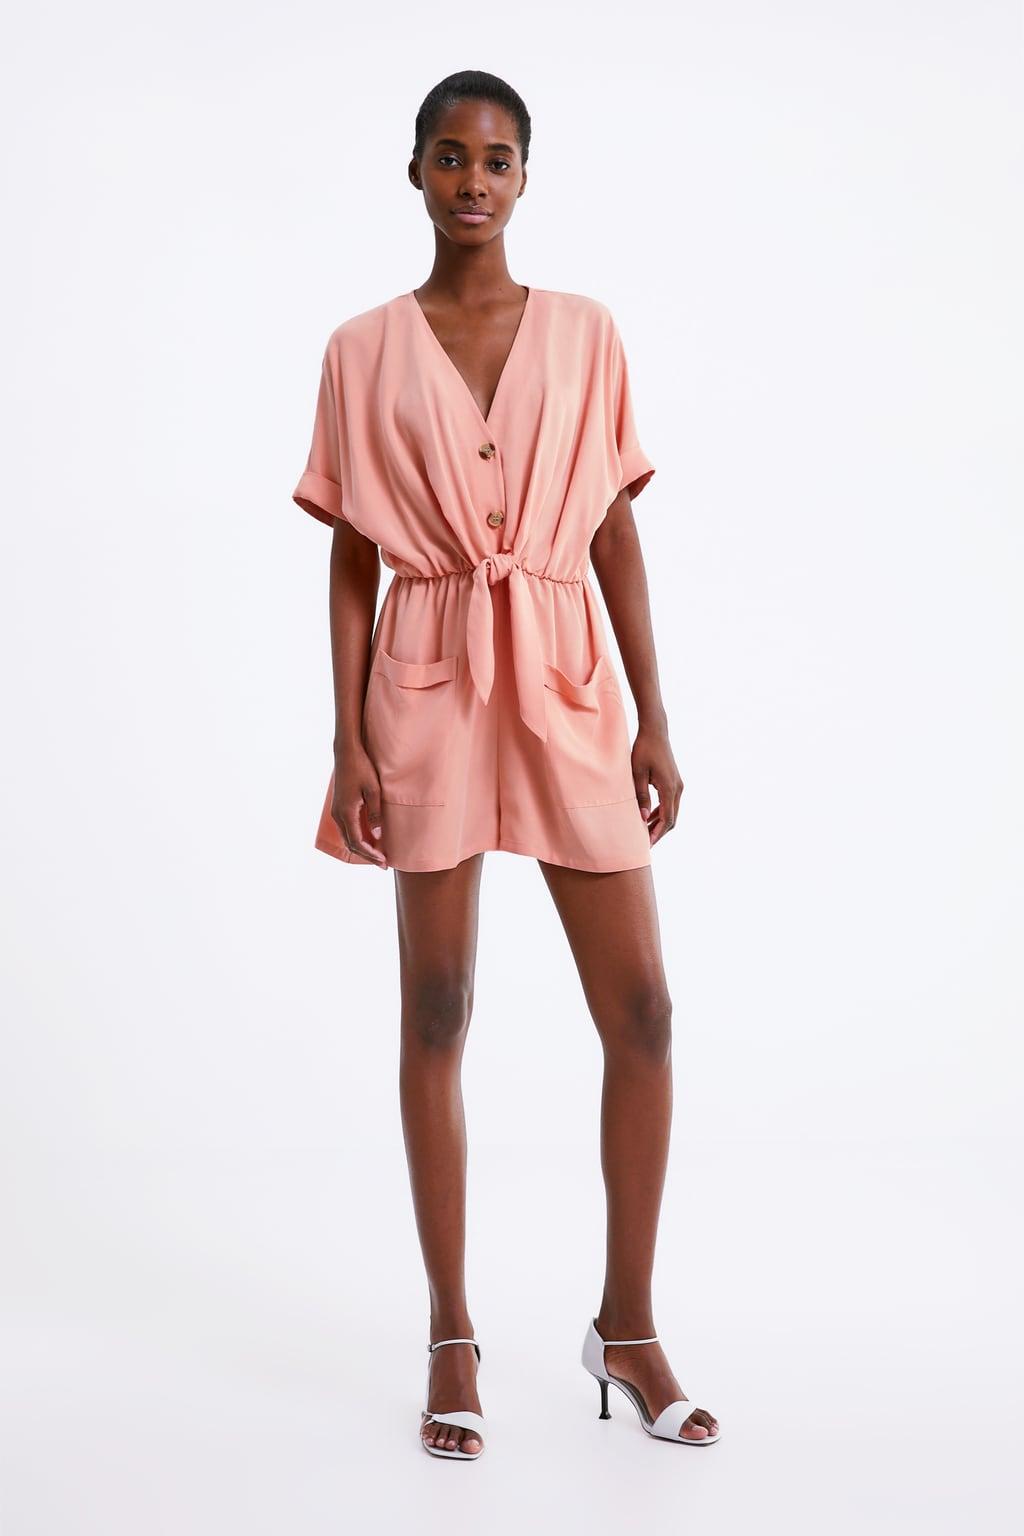 Jumpsuit with waist tie in tangerine from Zara